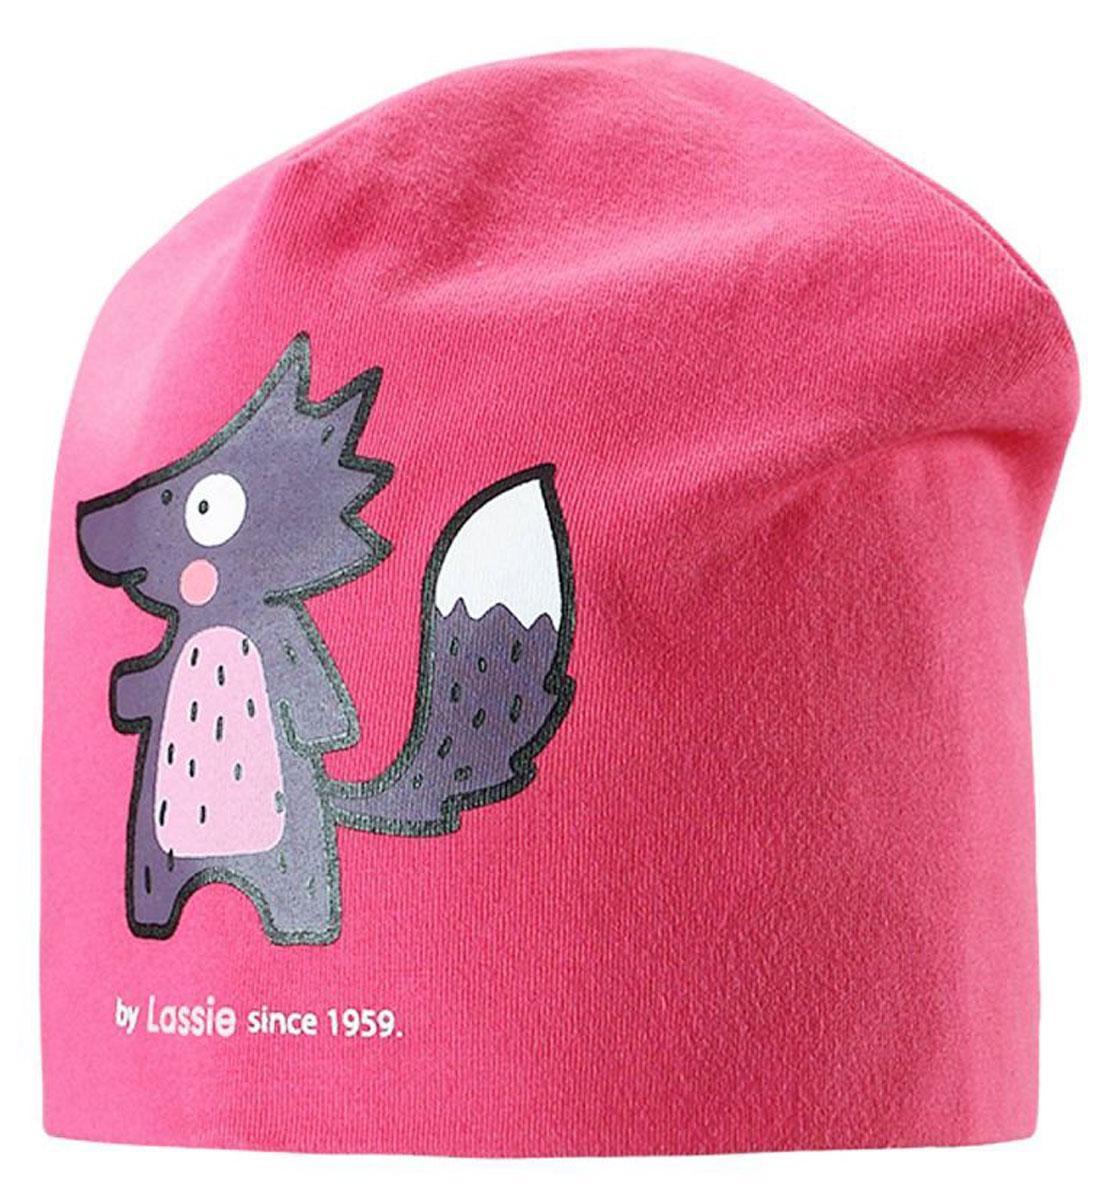 Шапка детская Lassie, цвет: розовый. 7187173400. Размер 46/487187173400Базовая шапка для малышей с забавным рисунком в лисички. Шапка сделана из легкого и удобного джерси на полной трикотажной подкладке из гладкого дышащего смесового хлопка. Она снабжена рисунком сбоку и светоотражающей эмблемой на заднем шве.